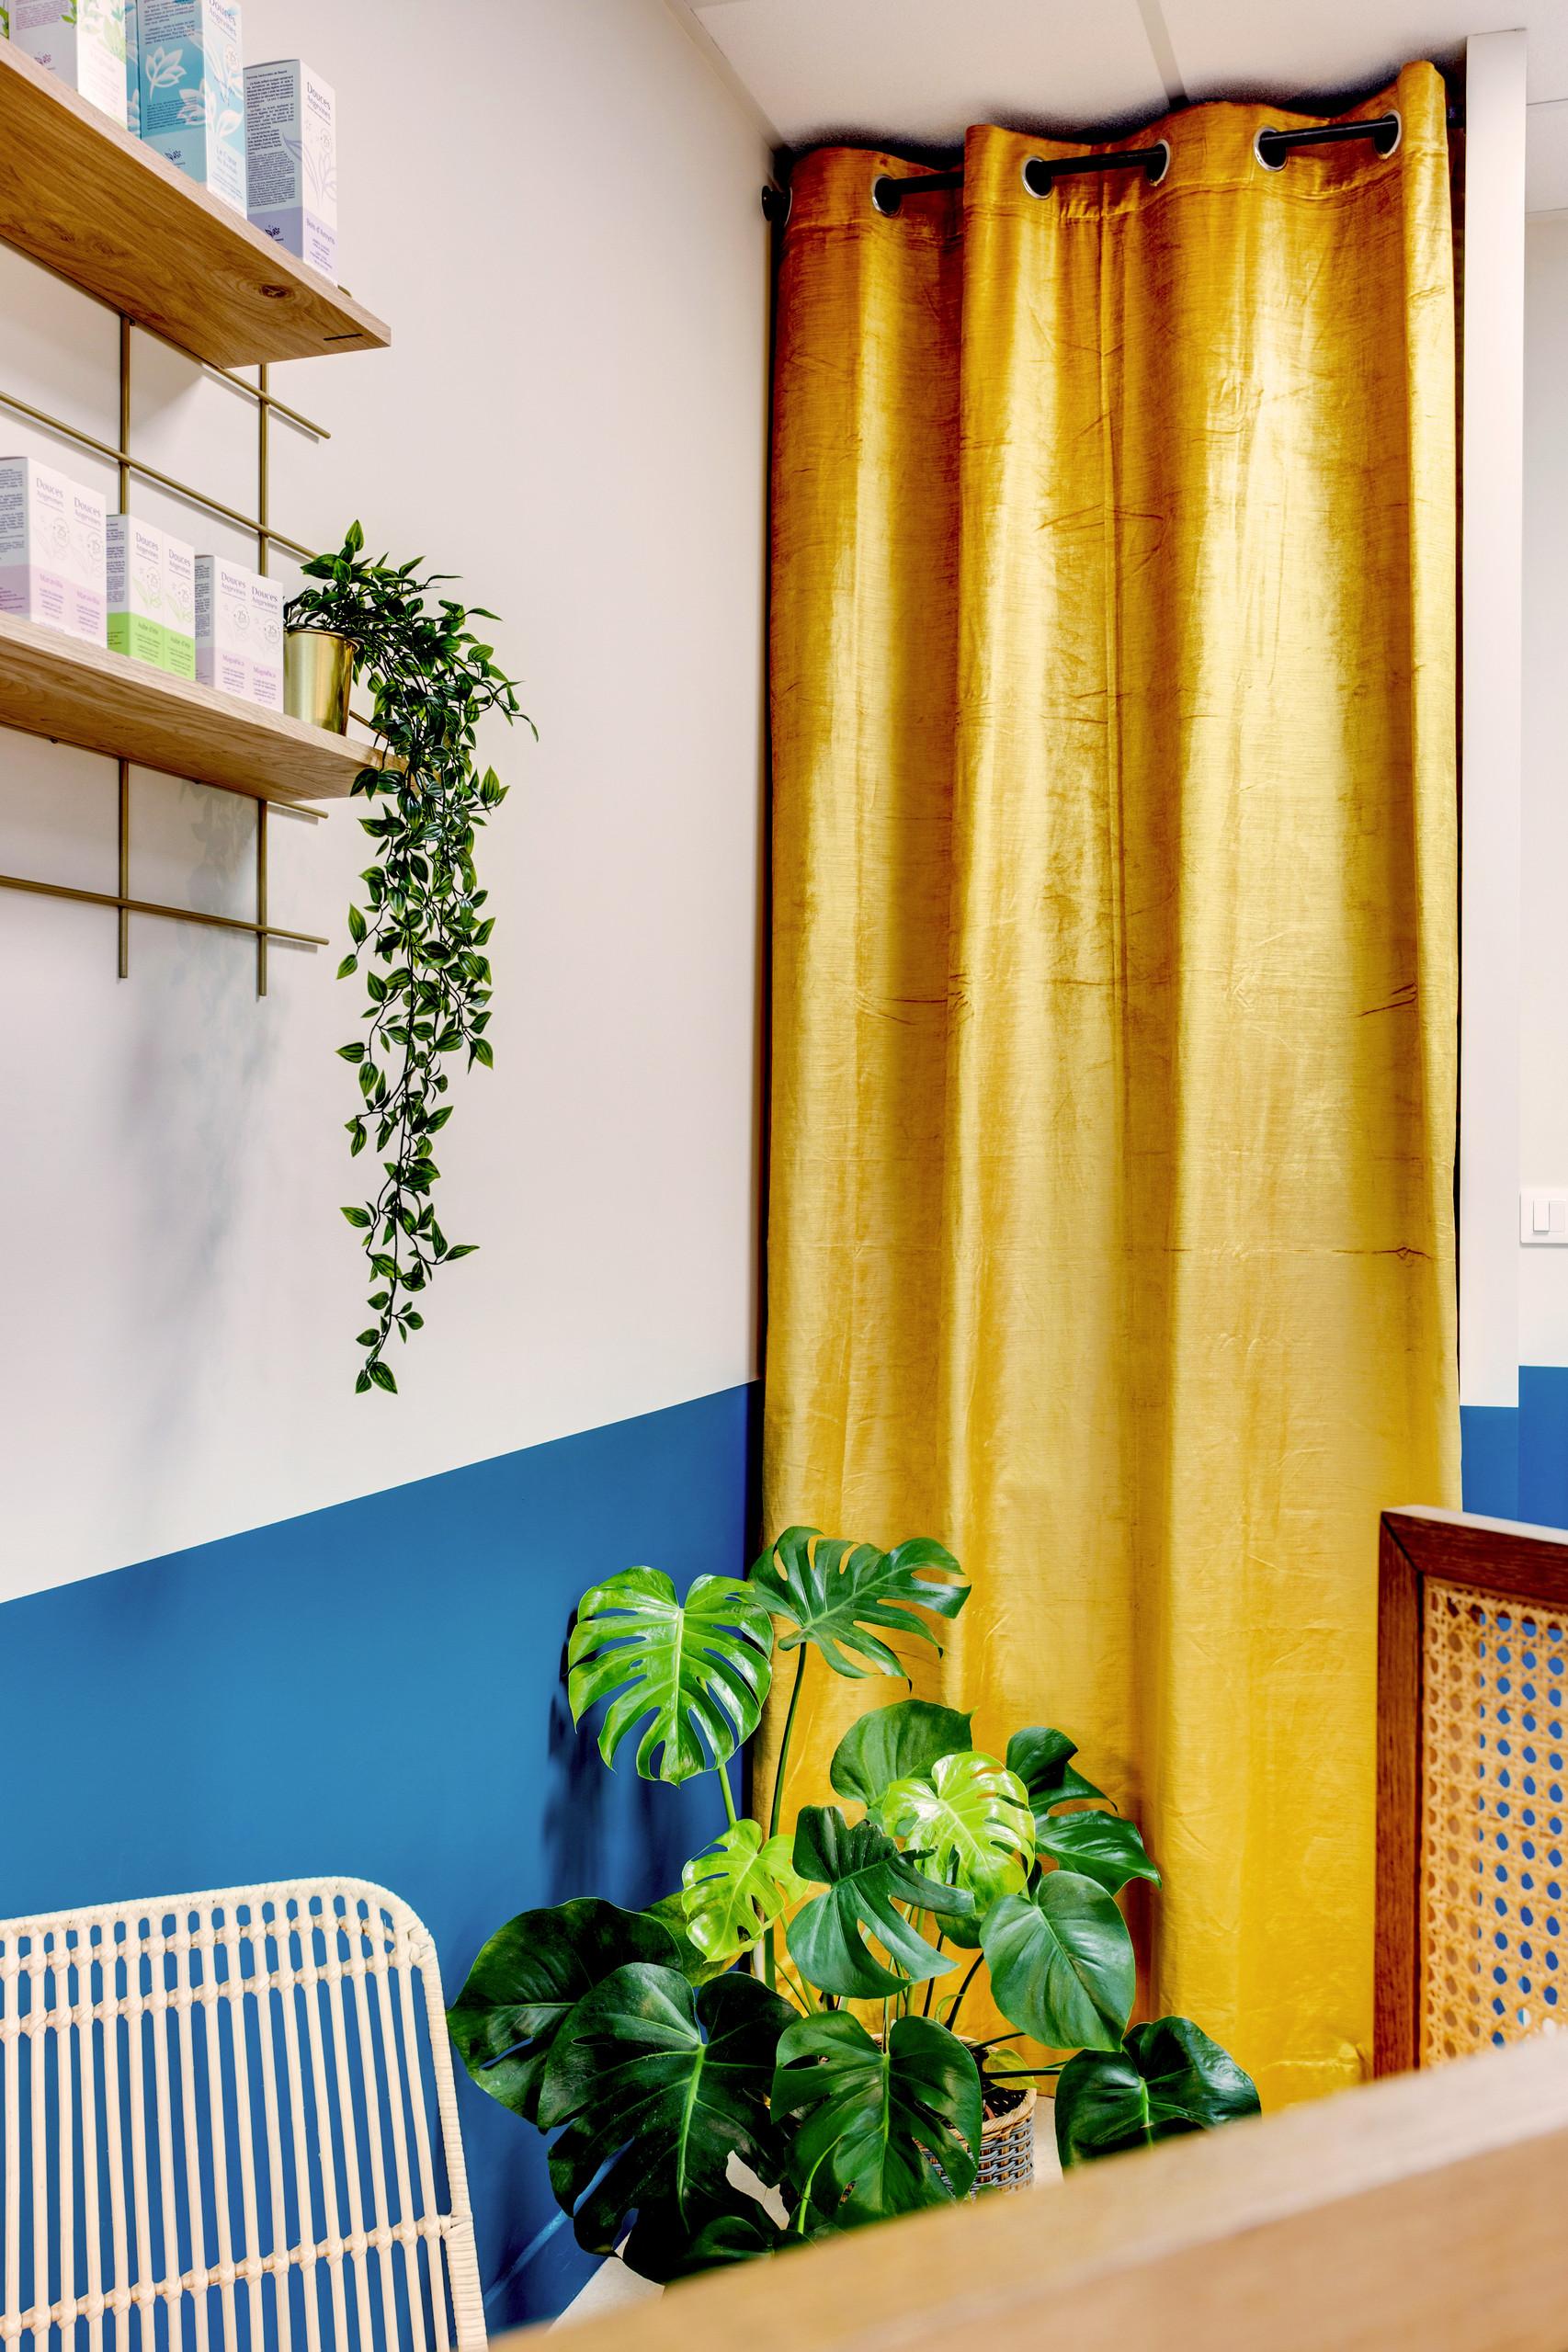 création de rangements dissimulés derrière un rideau en velours doré